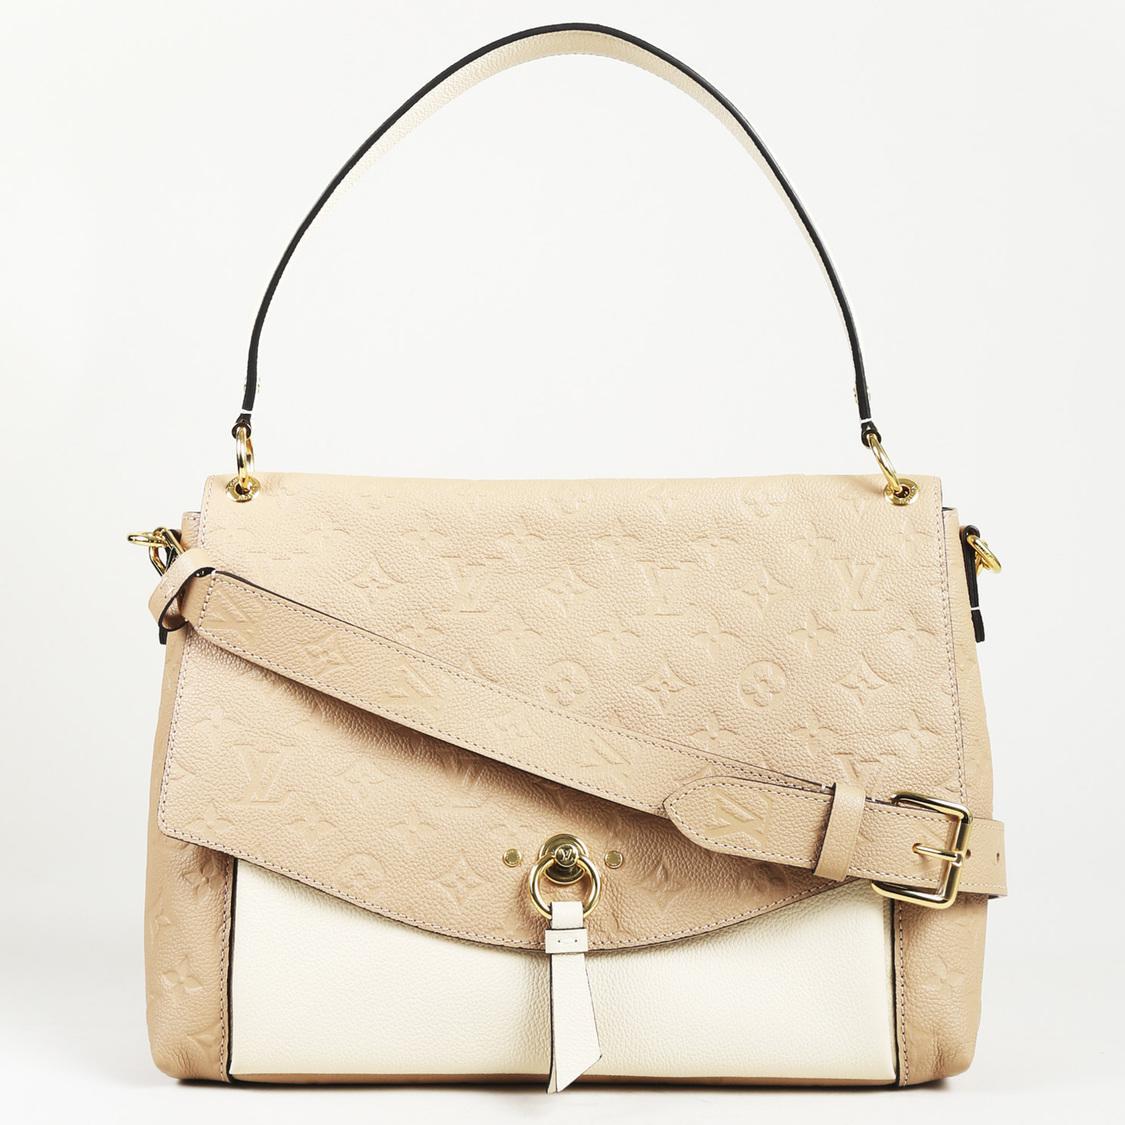 0c98da687c4b Lyst - Louis Vuitton Monogram Empriente Leather